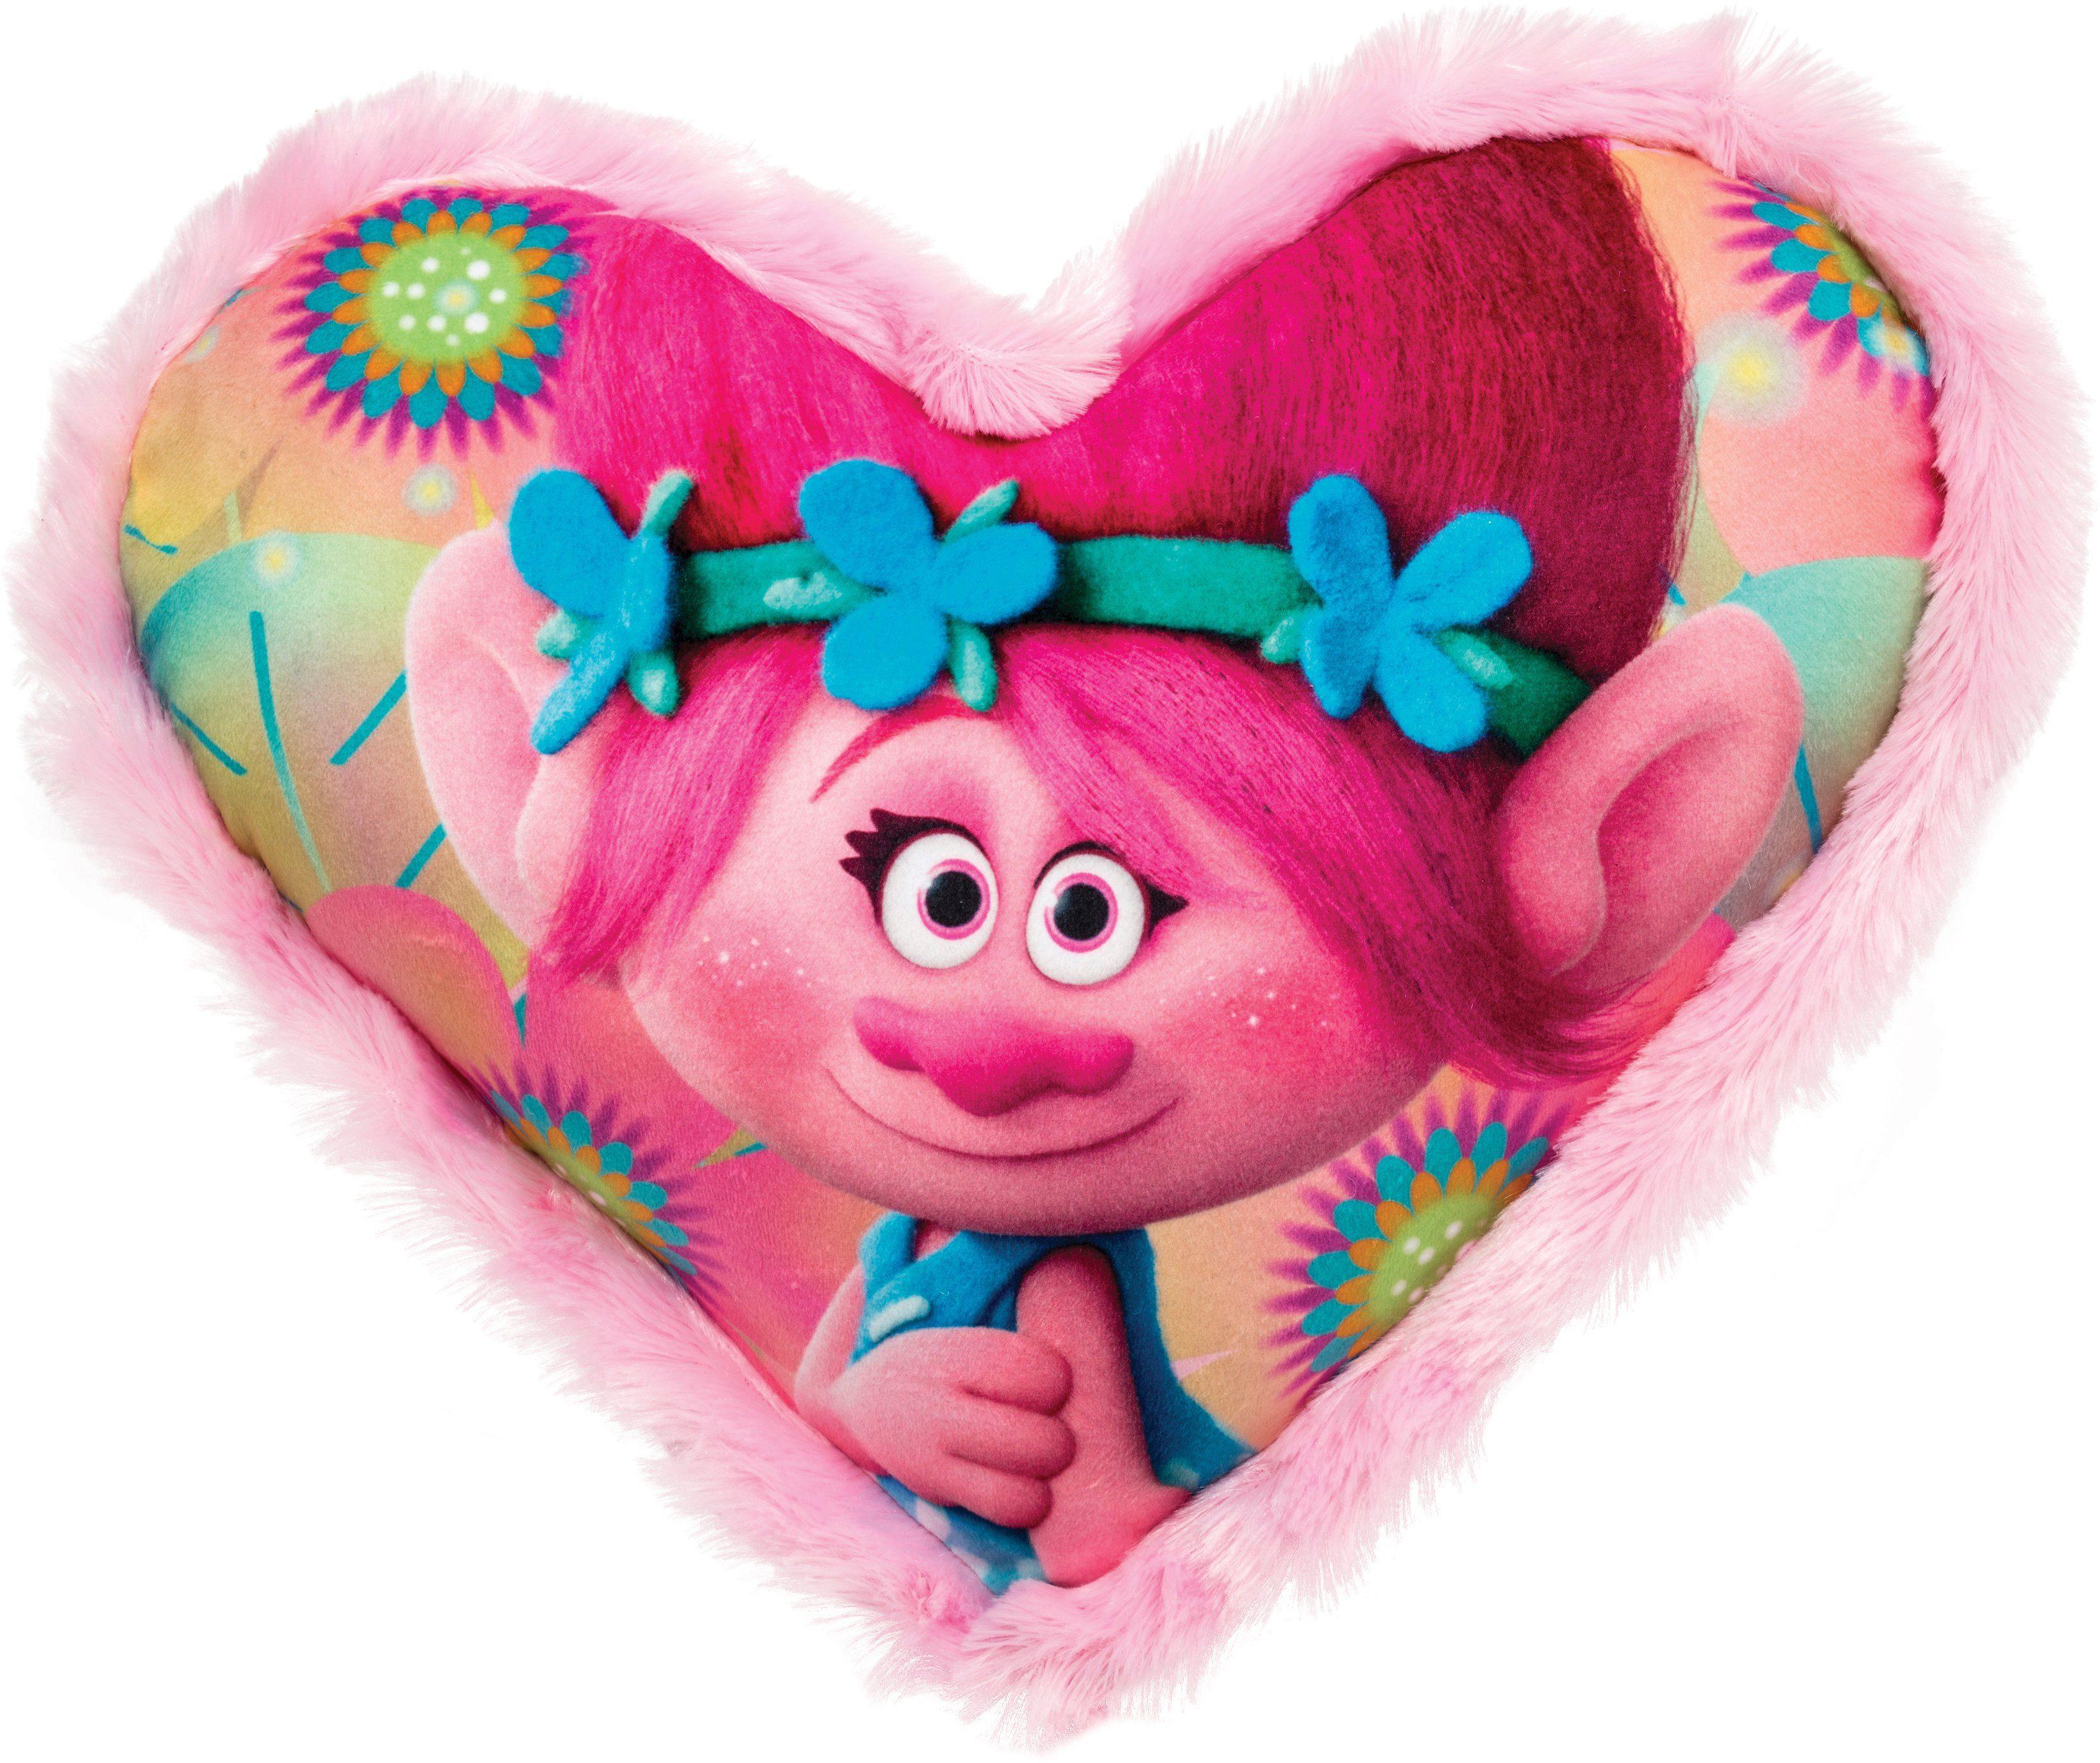 JOY TOY Schmusekissen in Herzform, »DreamWorks Trolls Herzförmiges Kissen mit Plüschborde«